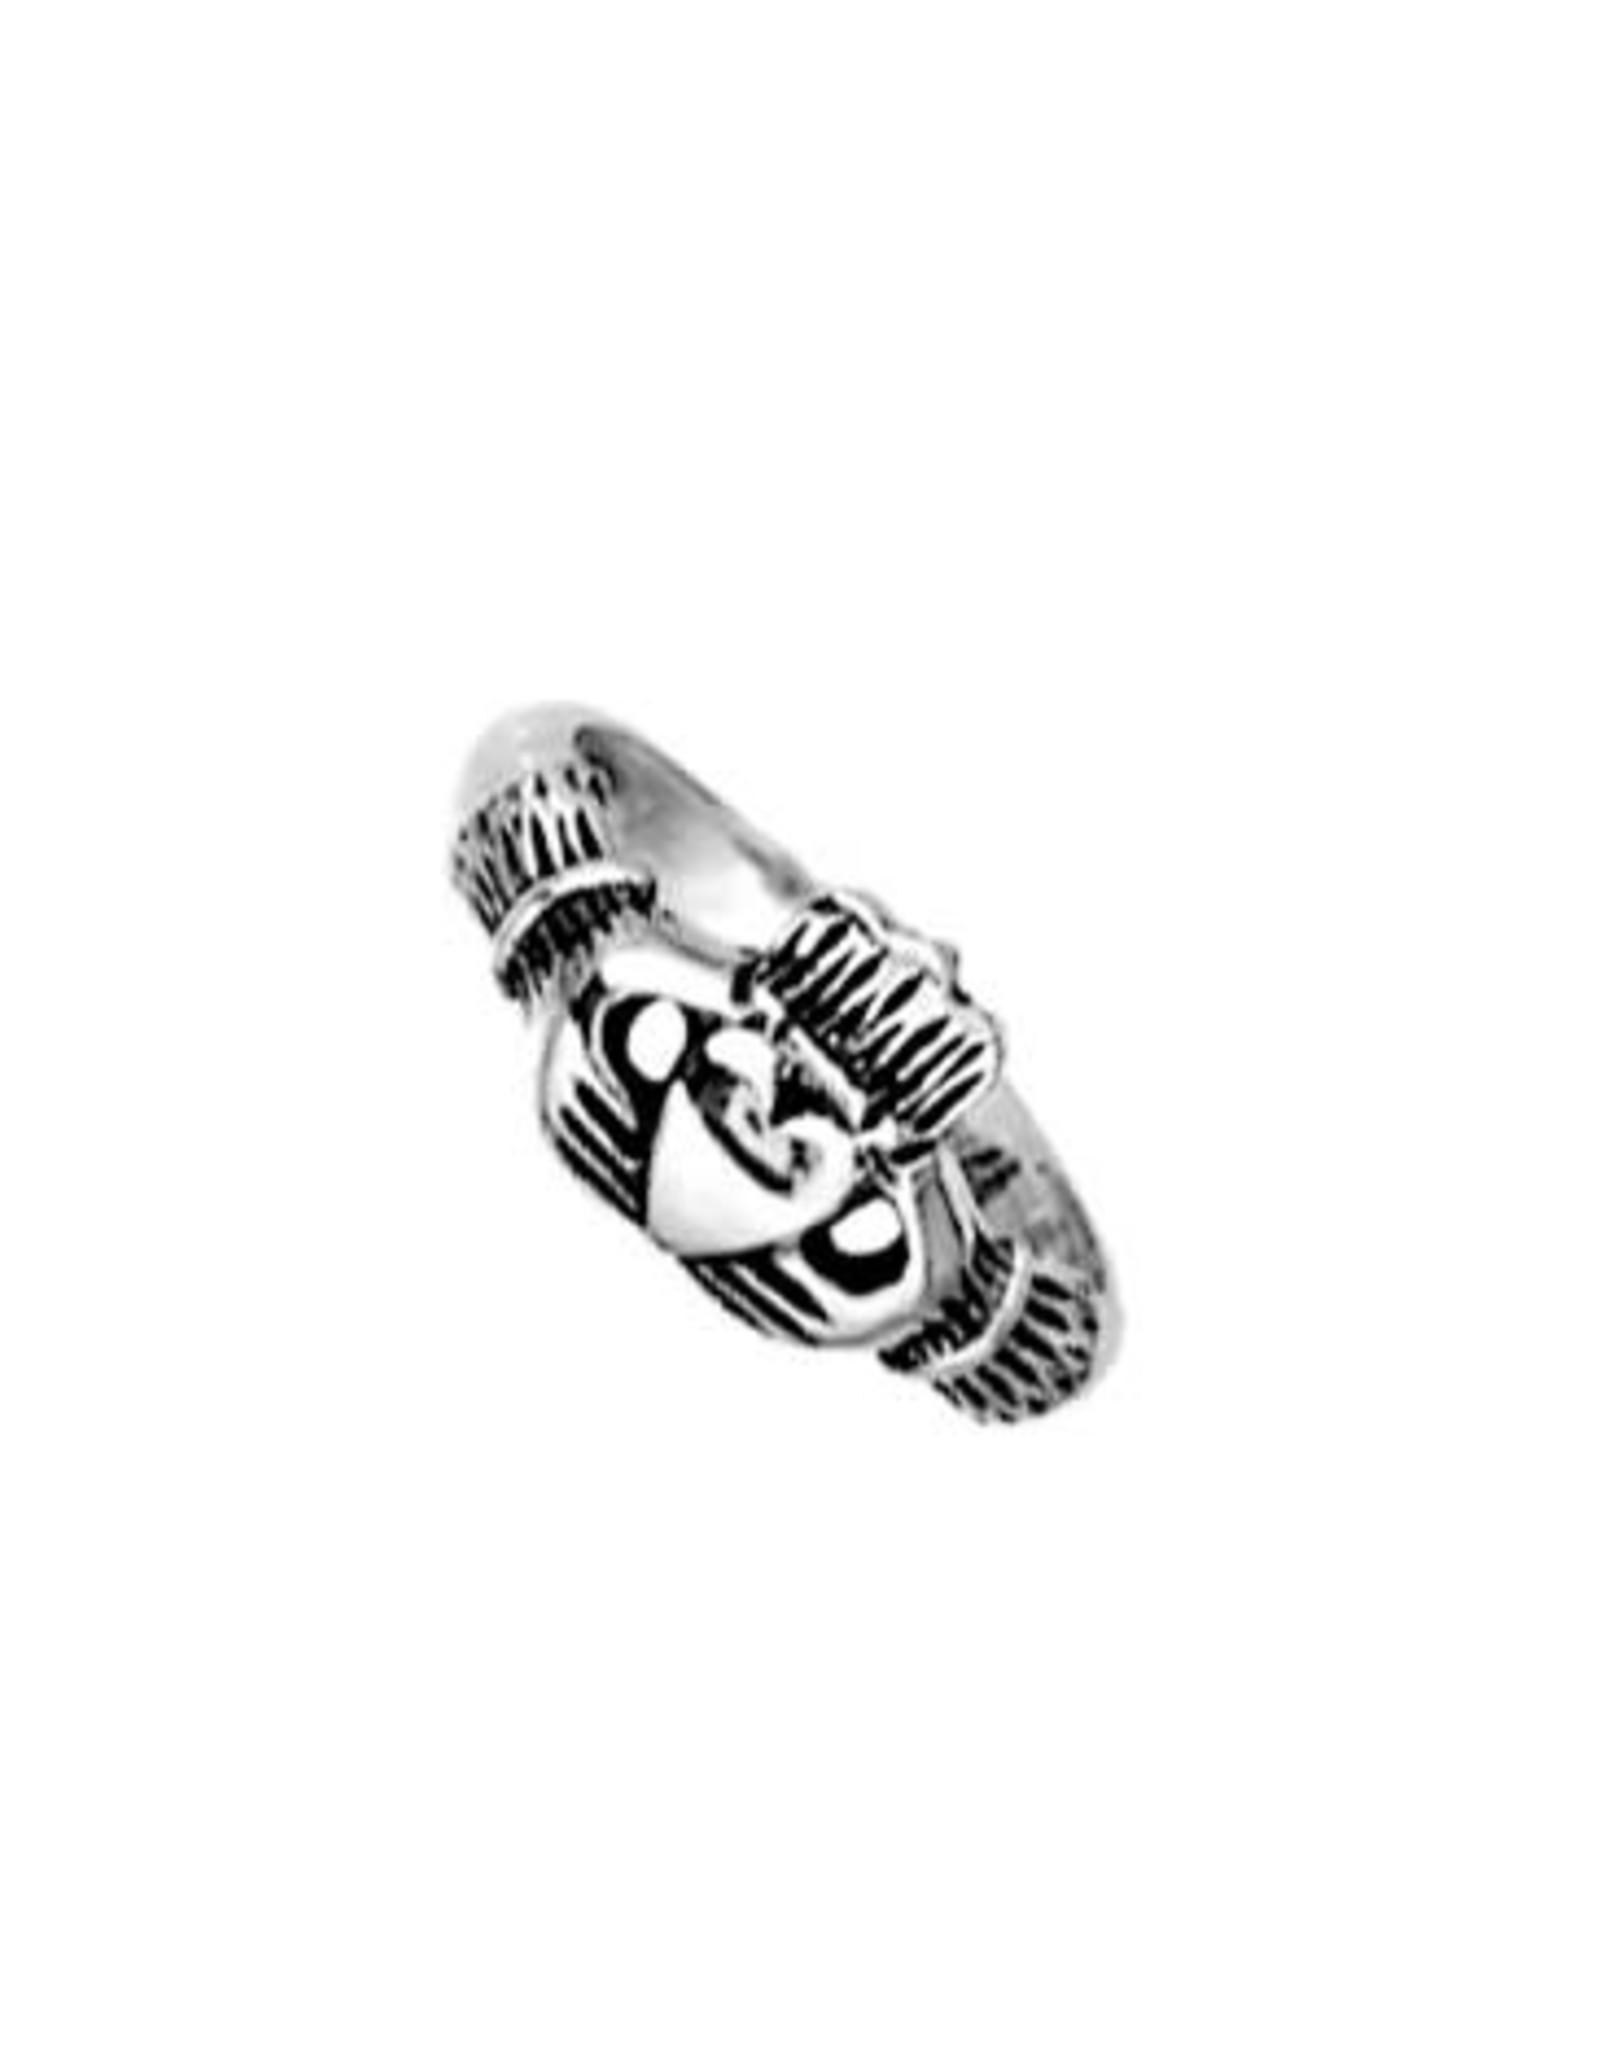 Boma IRISH WEDDING RING